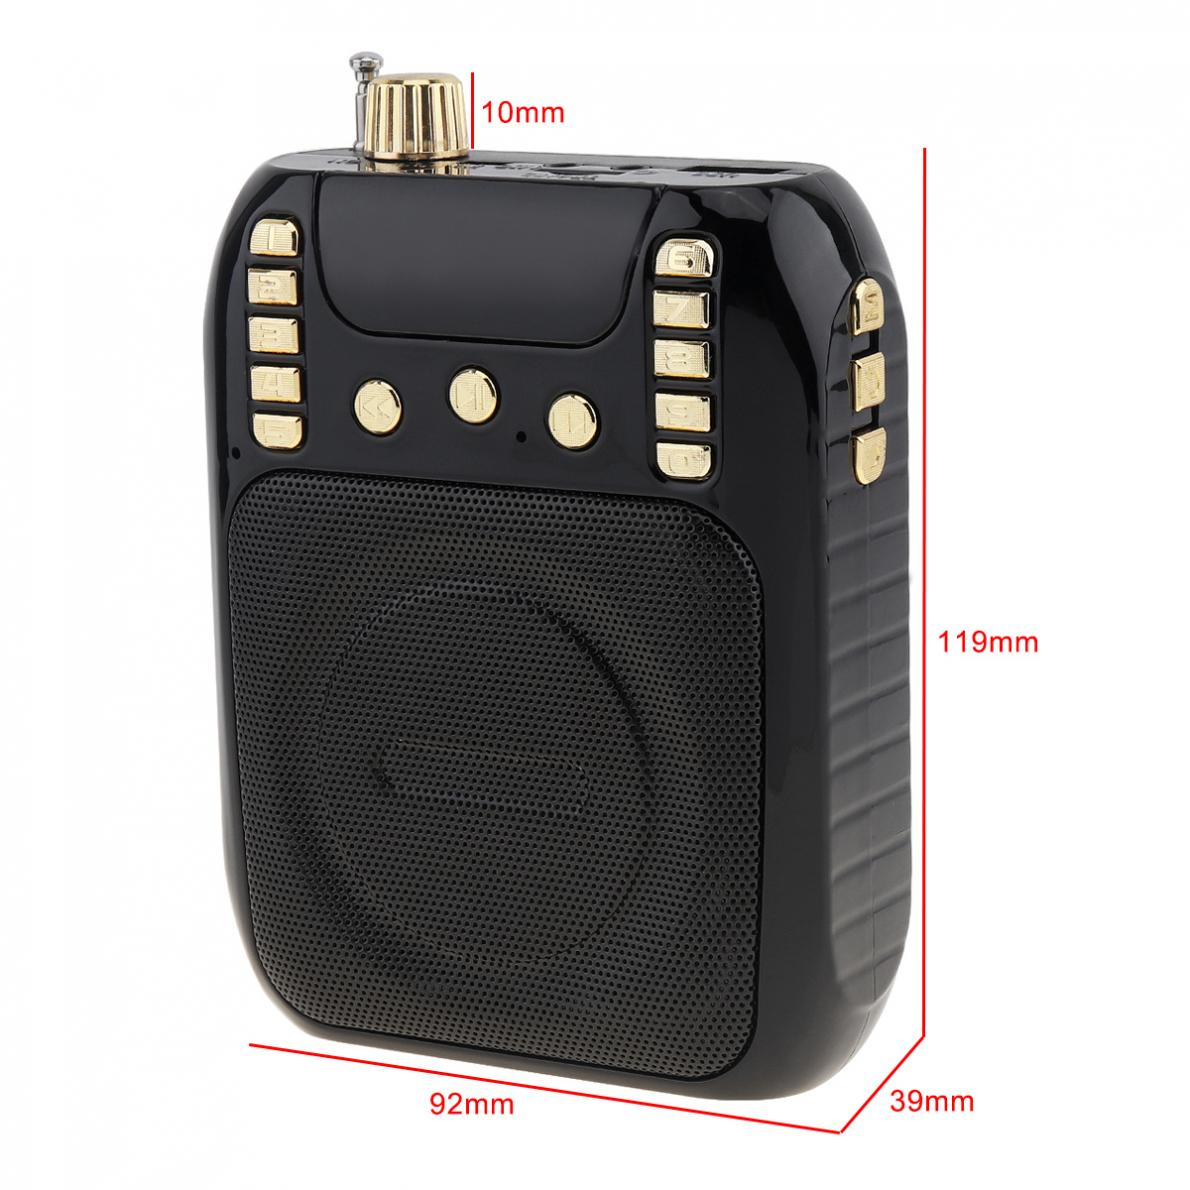 T506 портативное радио мини аудио карта динамик fm с усилением для инструктора 26939-description-2-l2.jpg